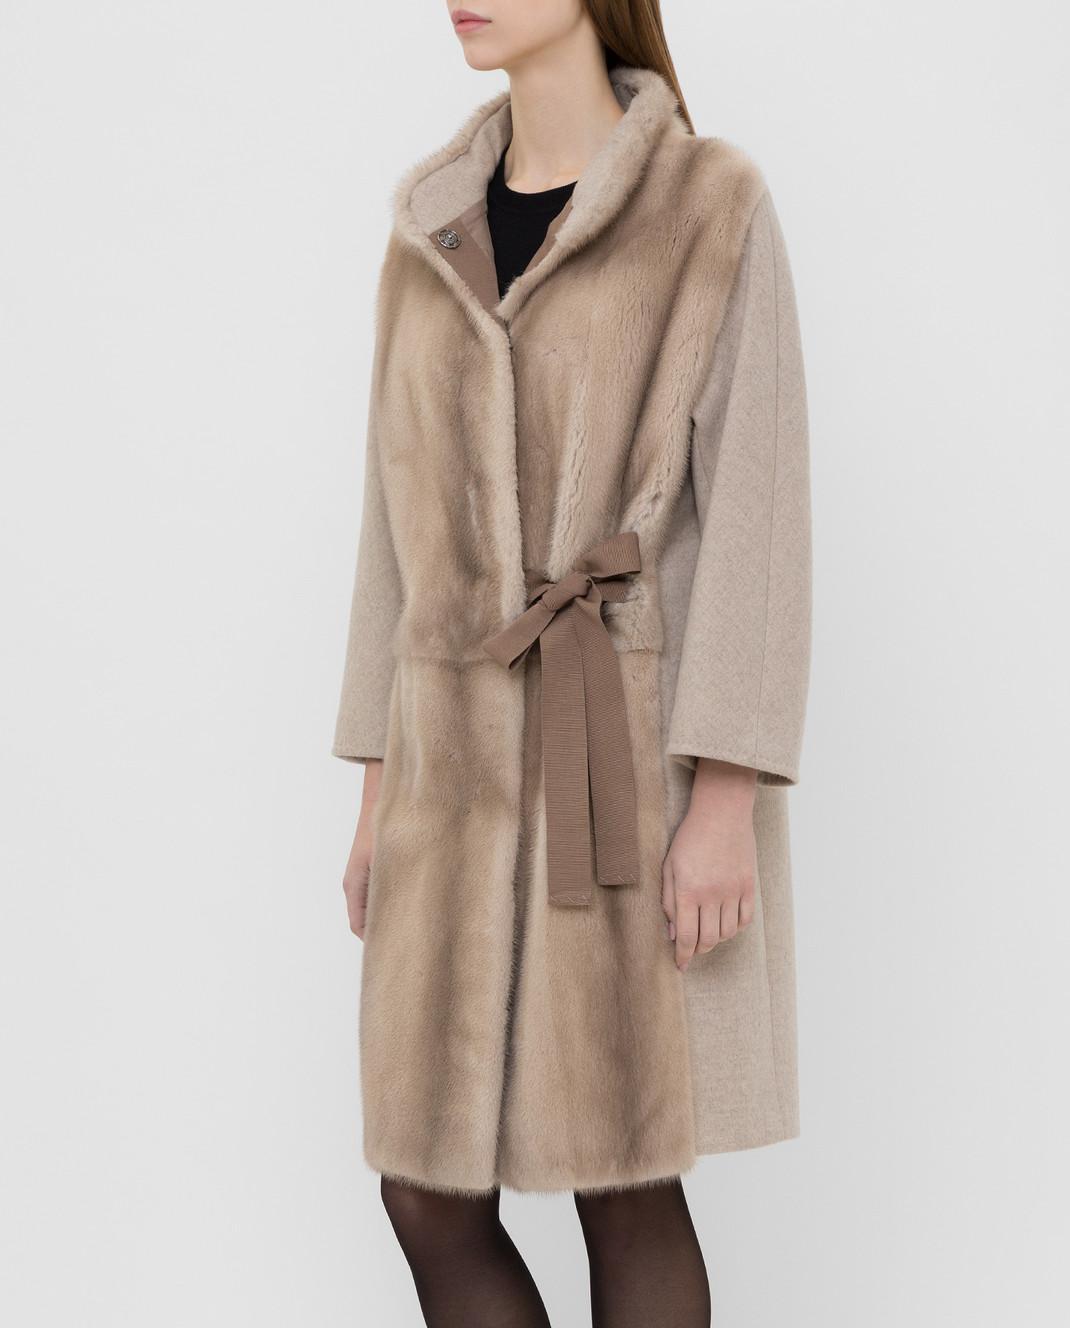 Giuliana Teso Бежевое пальто из шерсти с мехом норки 74QS285T072 изображение 3